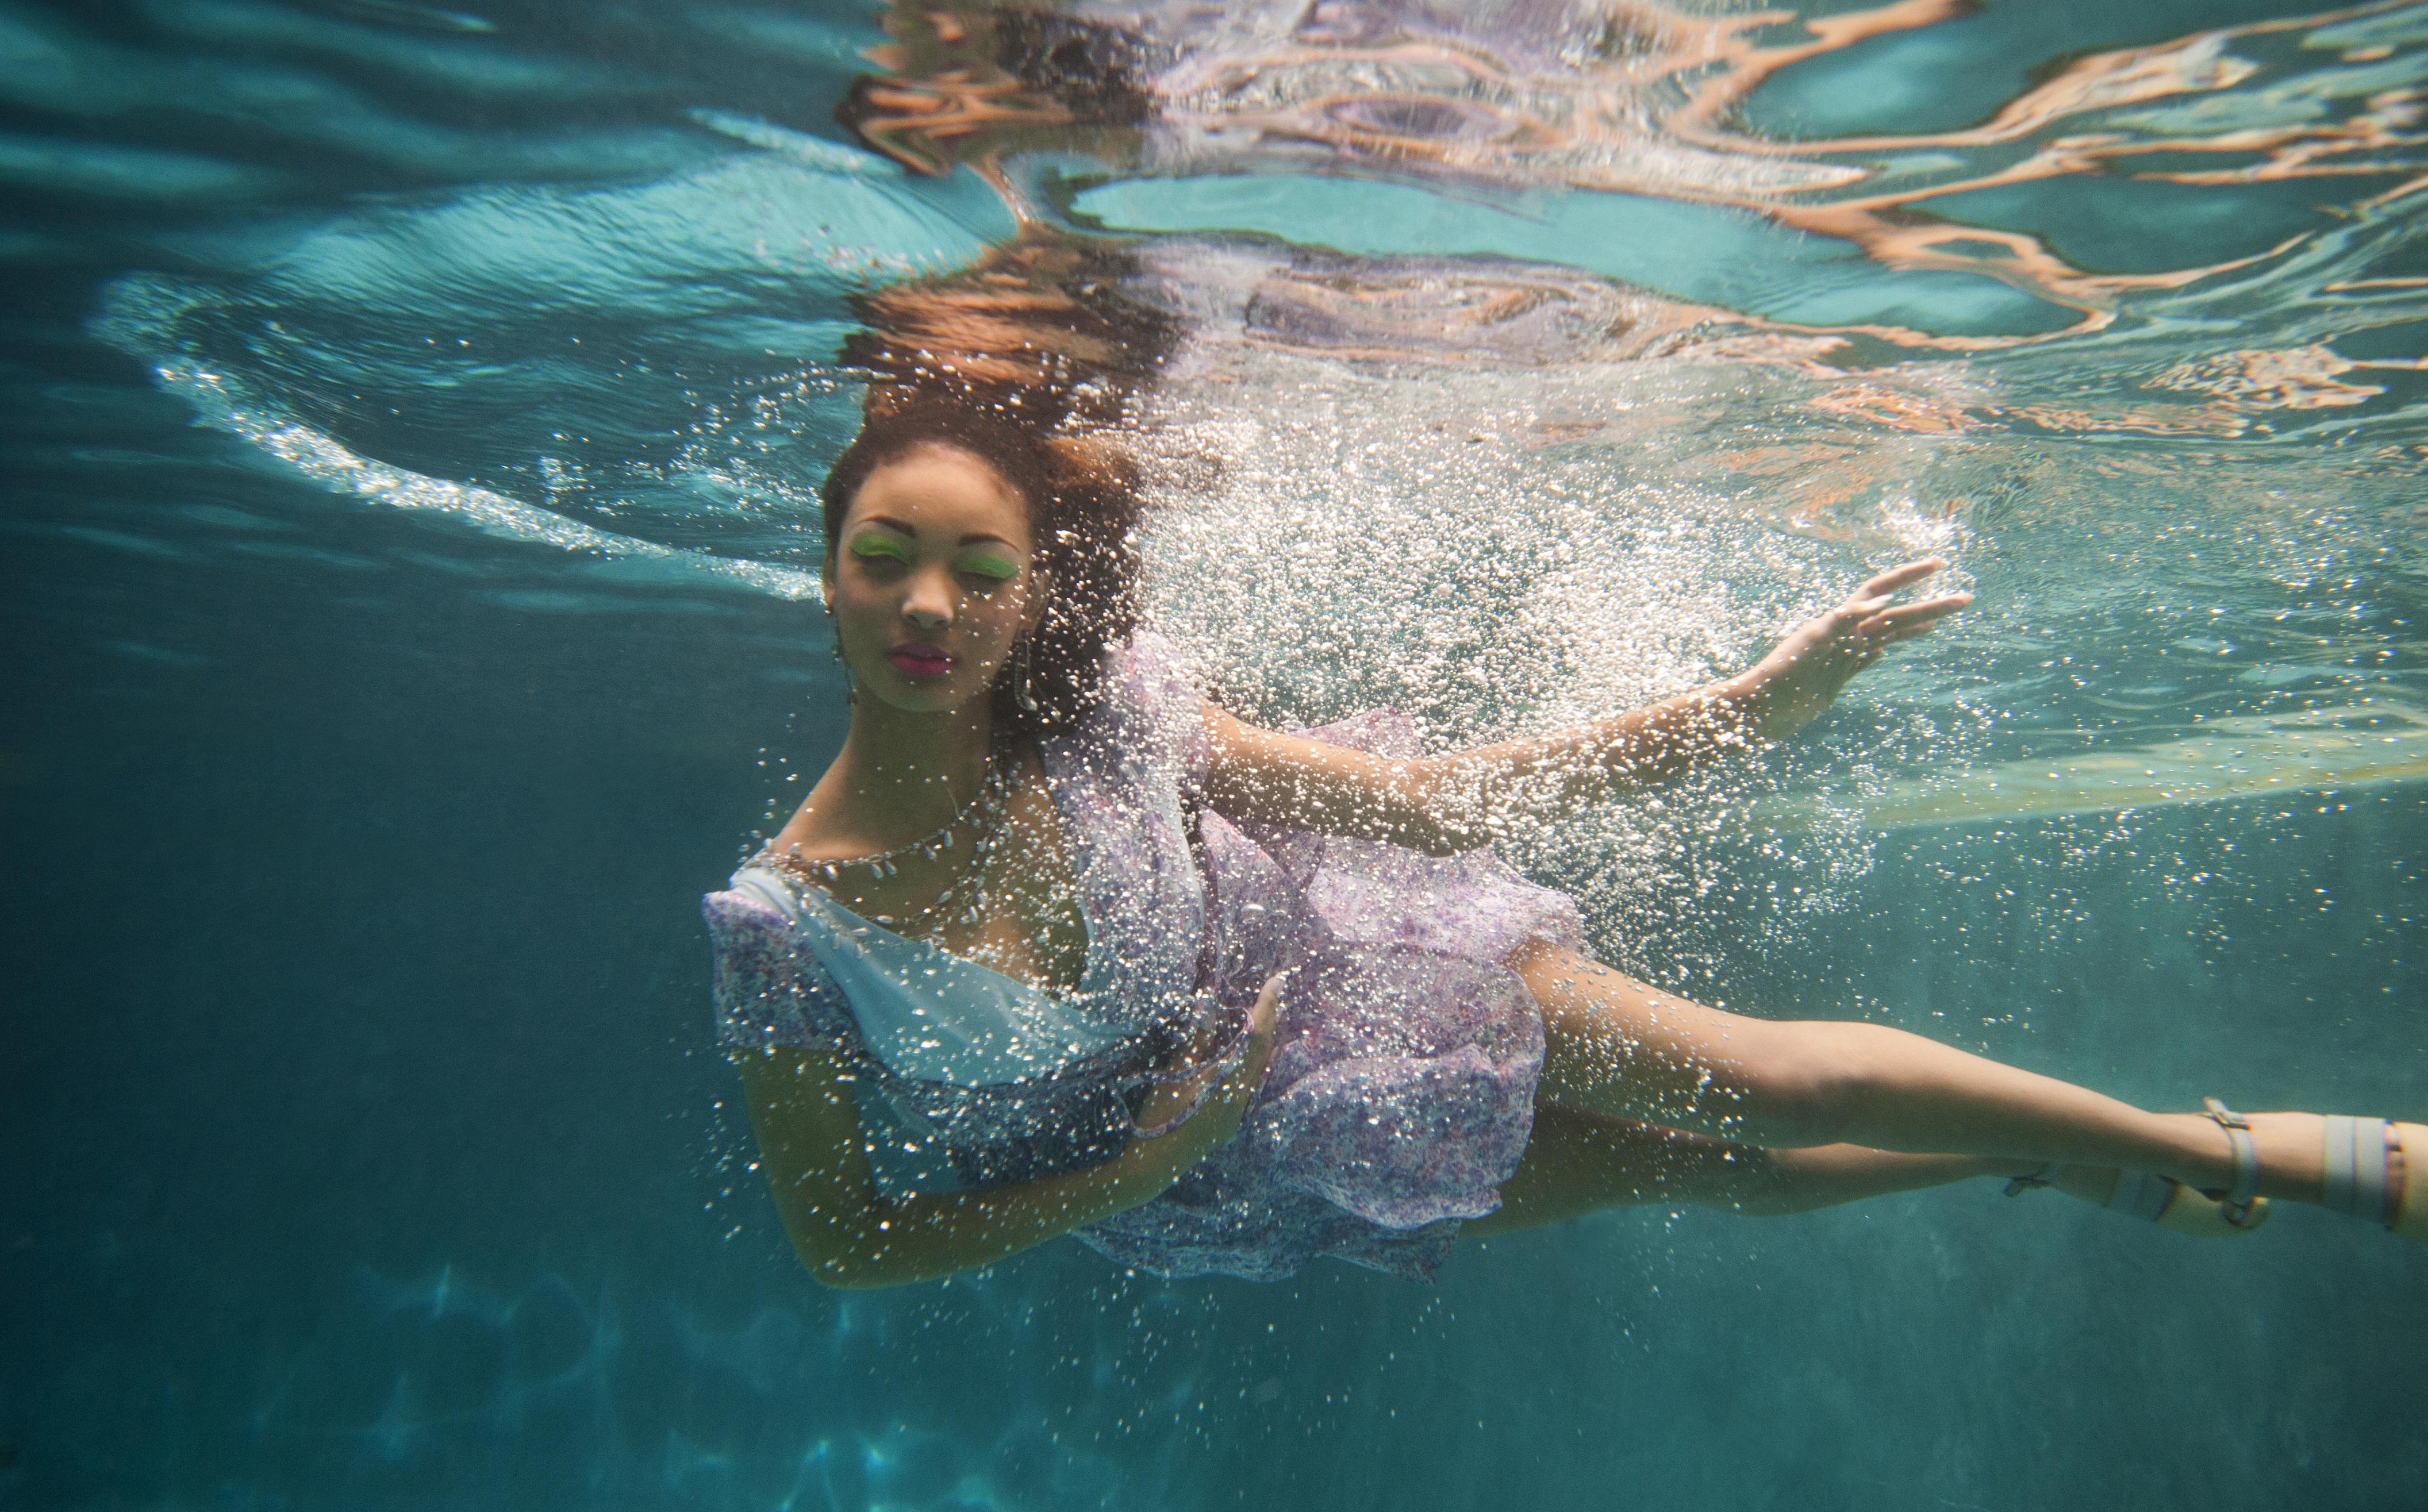 underwater shoot magazine fox sun behind photographer scenes under lloyd flowing baltimoresun darkroom